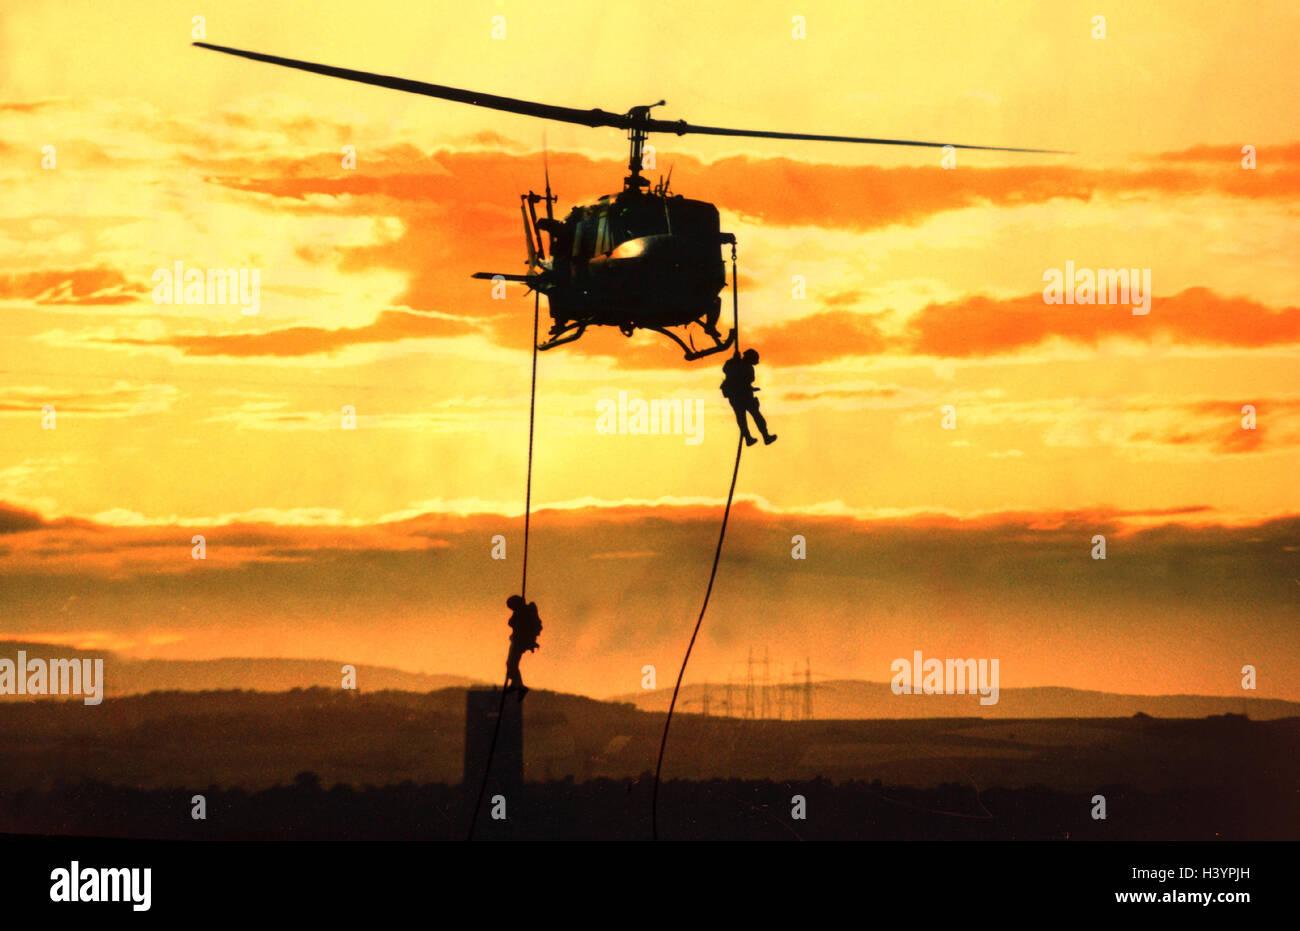 Un helicóptero militar. Helicópteros de combate, silueta, soldado, cuerda, los militares, la fuerza de Imagen De Stock